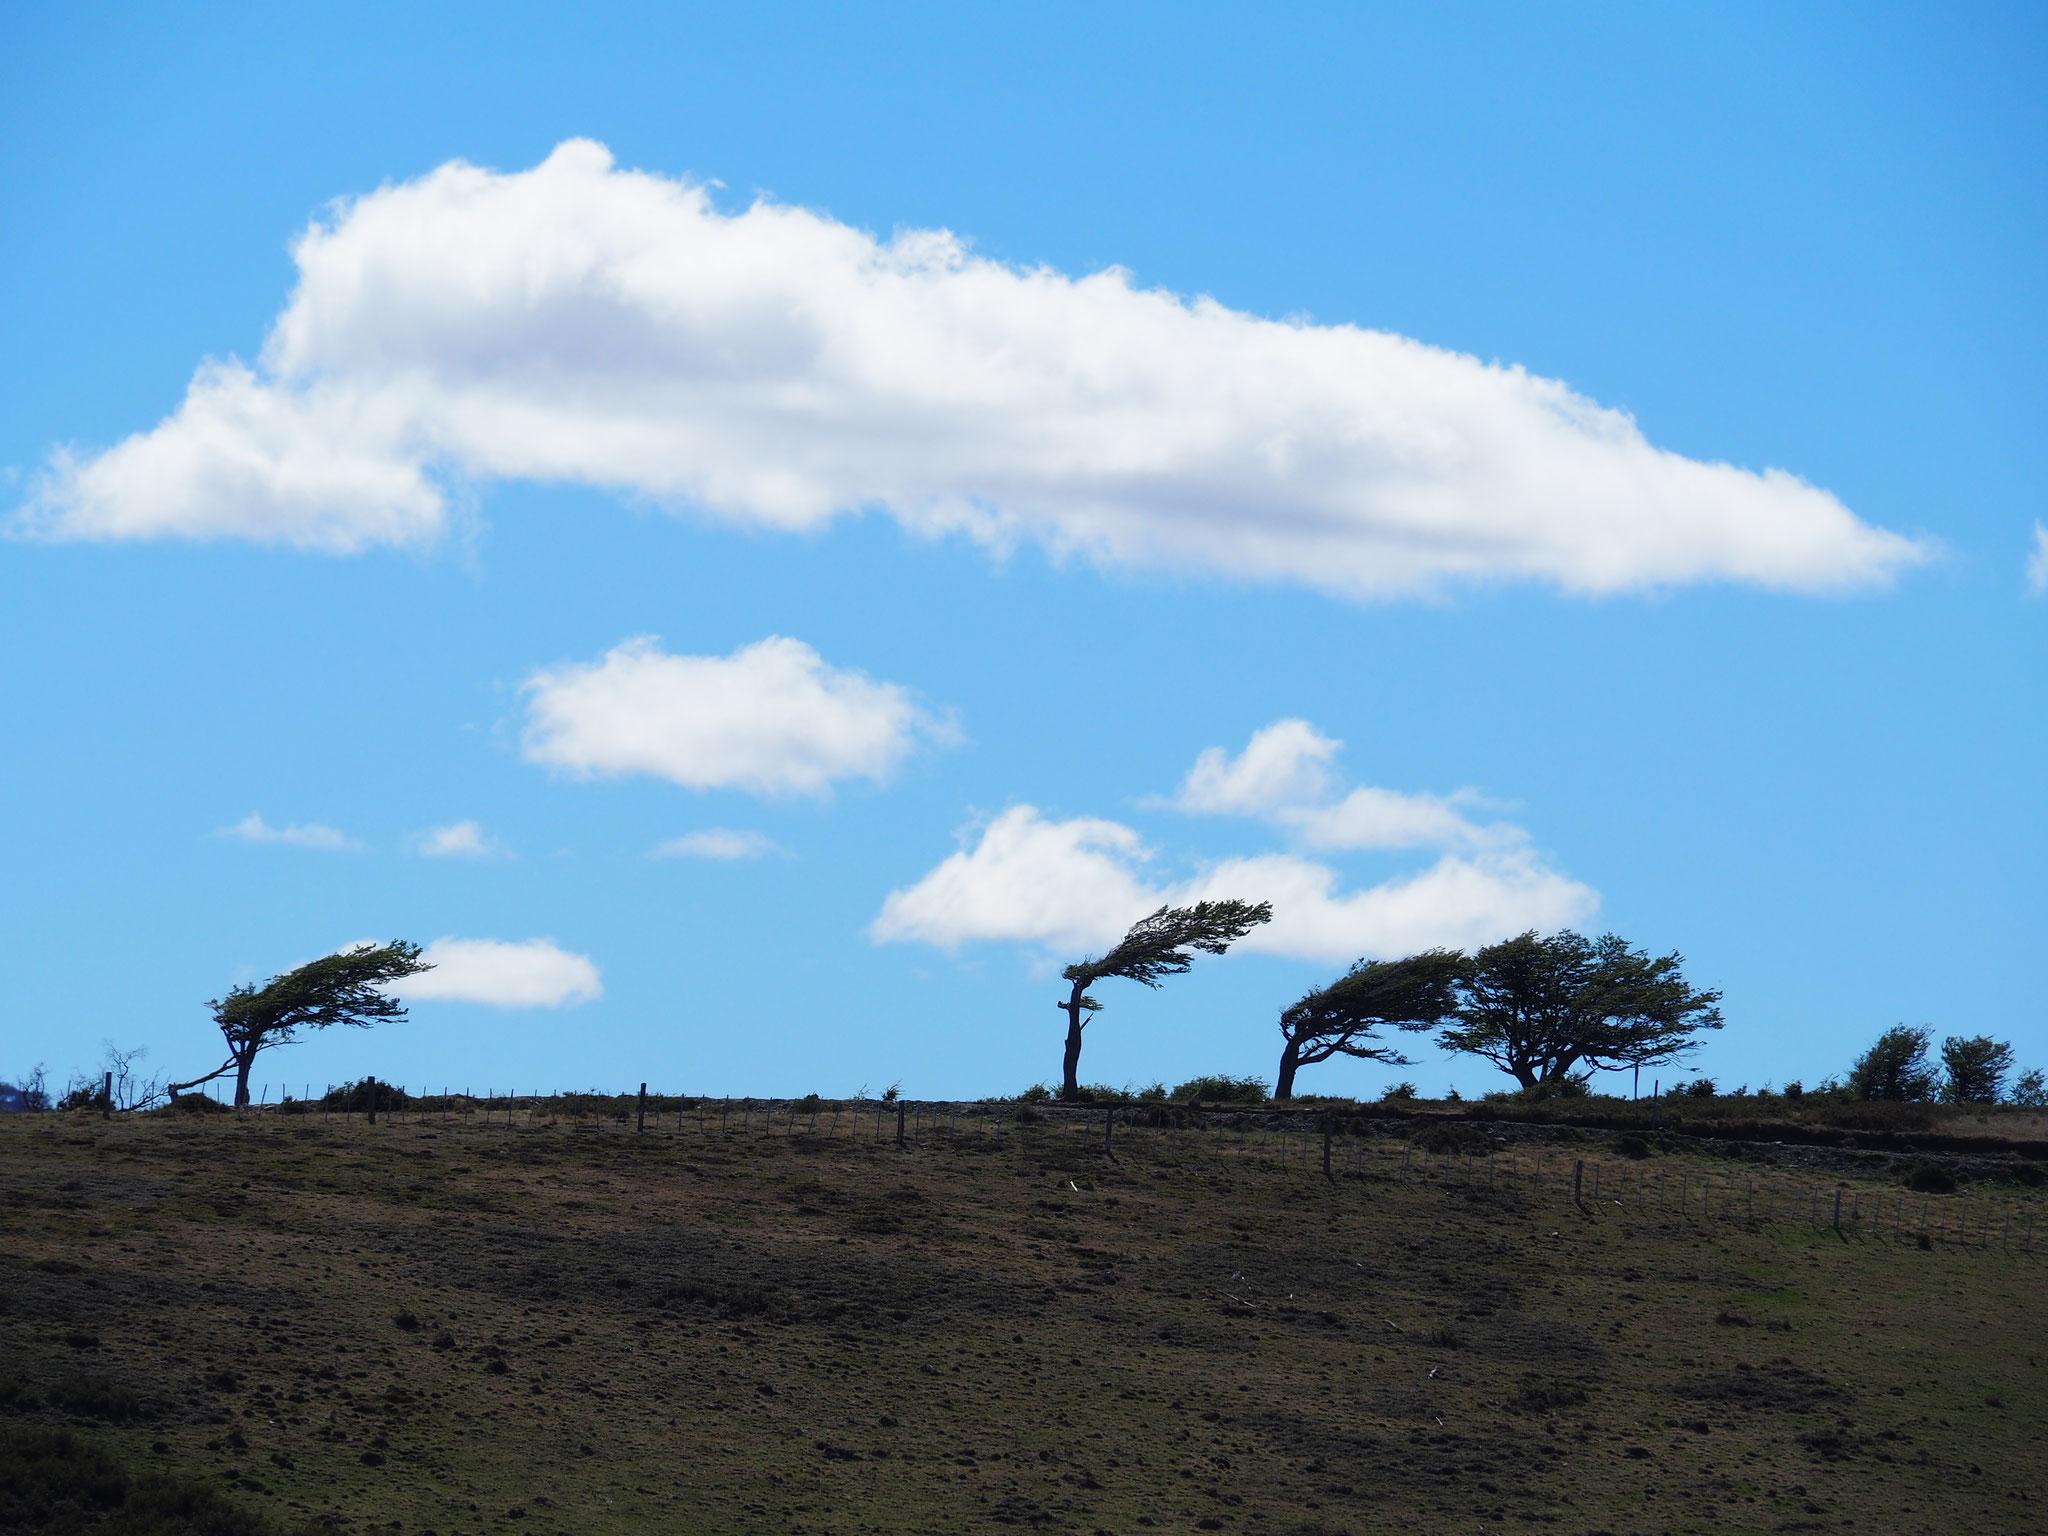 Dieser Baum macht deutlich, wie der Wind weht